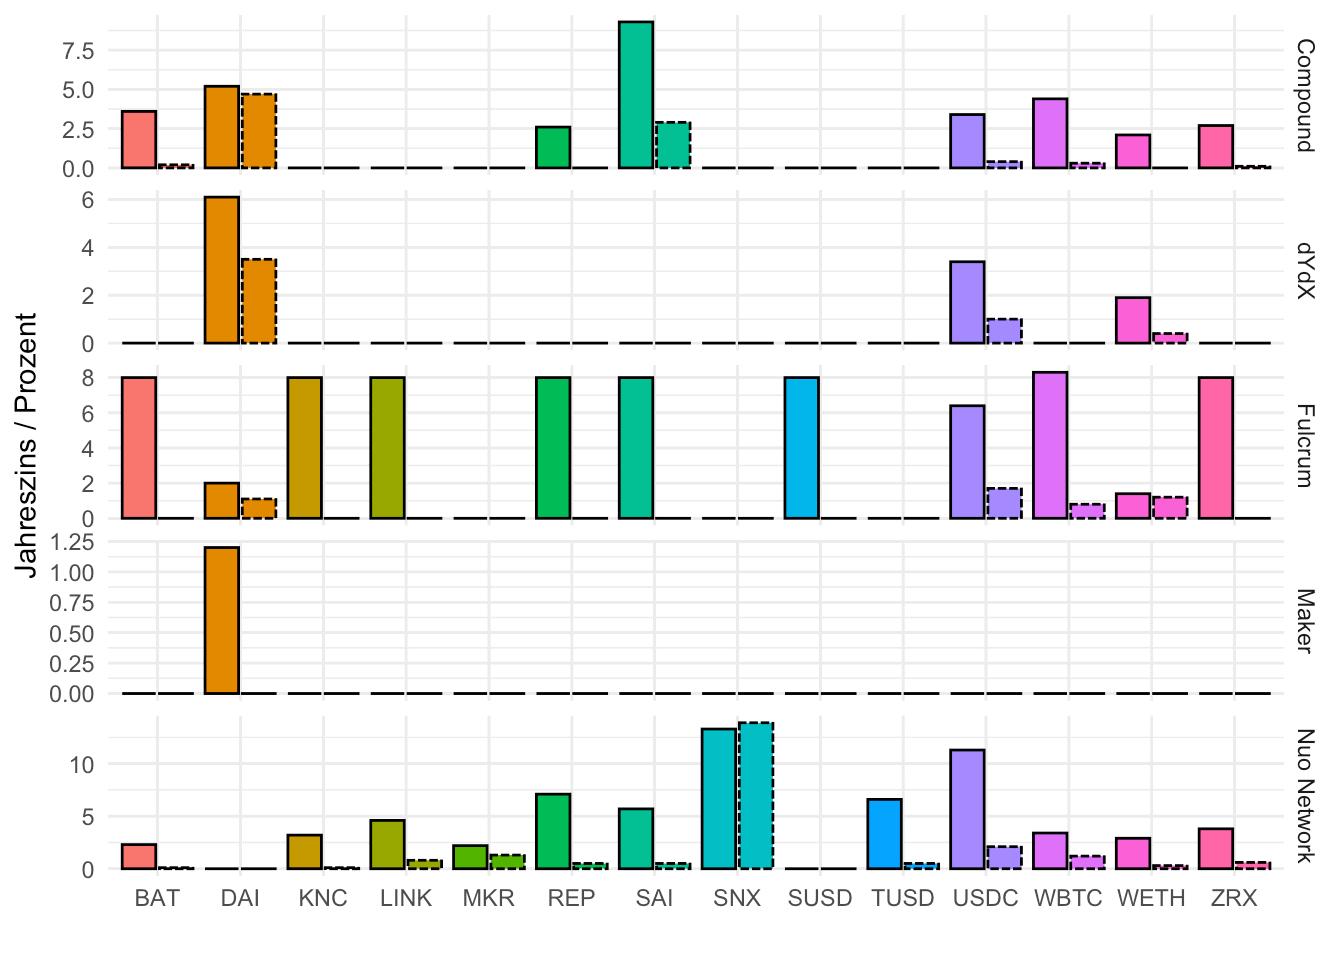 Entwicklung des Jahreszins für verschiedene Stable Coins auf verschiedenen Plattformen.